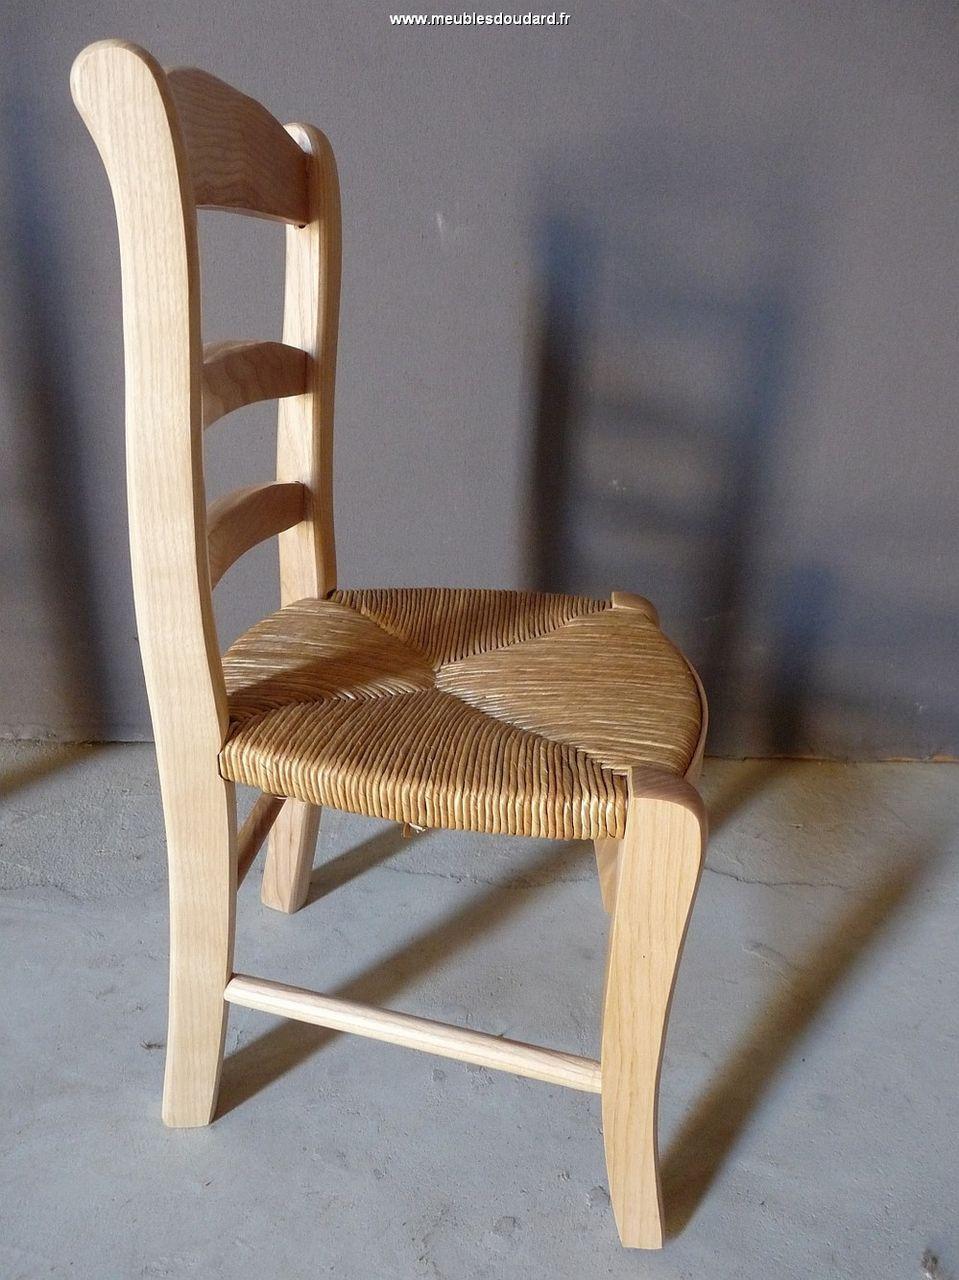 petite chaise enfants finest petite chaise en plastique rouge du s d enfants with petite chaise. Black Bedroom Furniture Sets. Home Design Ideas